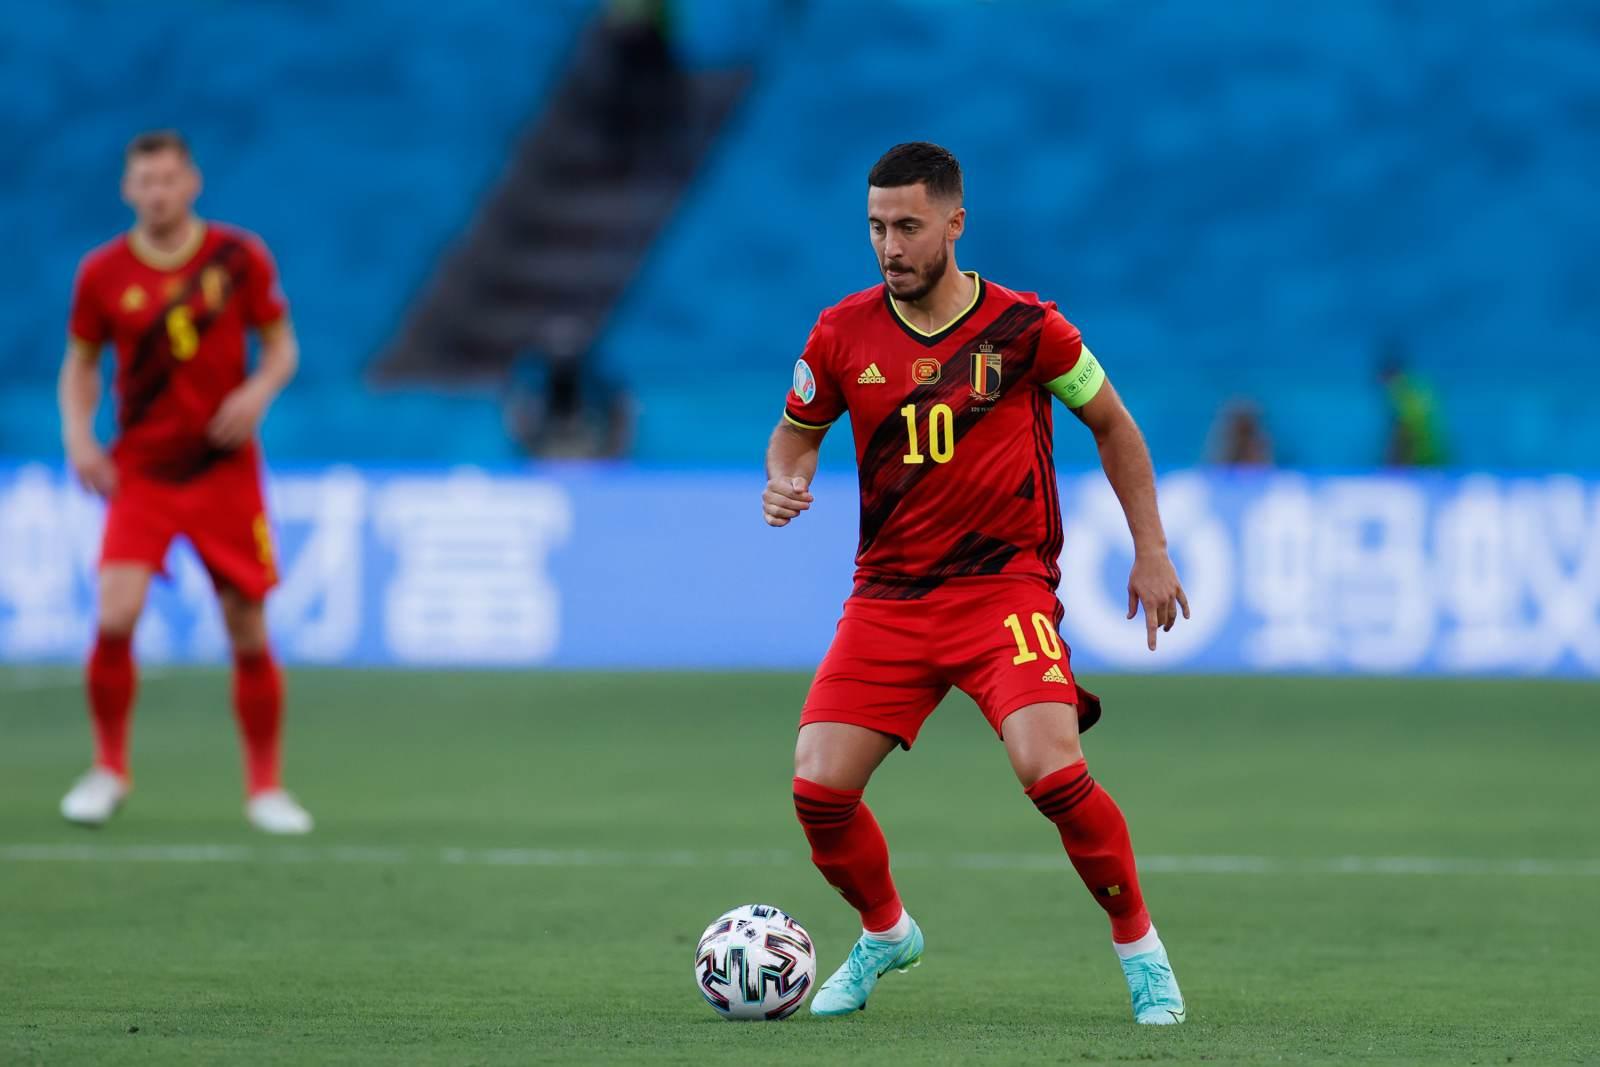 Миятович: «Азар стал большой проблемой для «Реала», он никак не проявил себя»